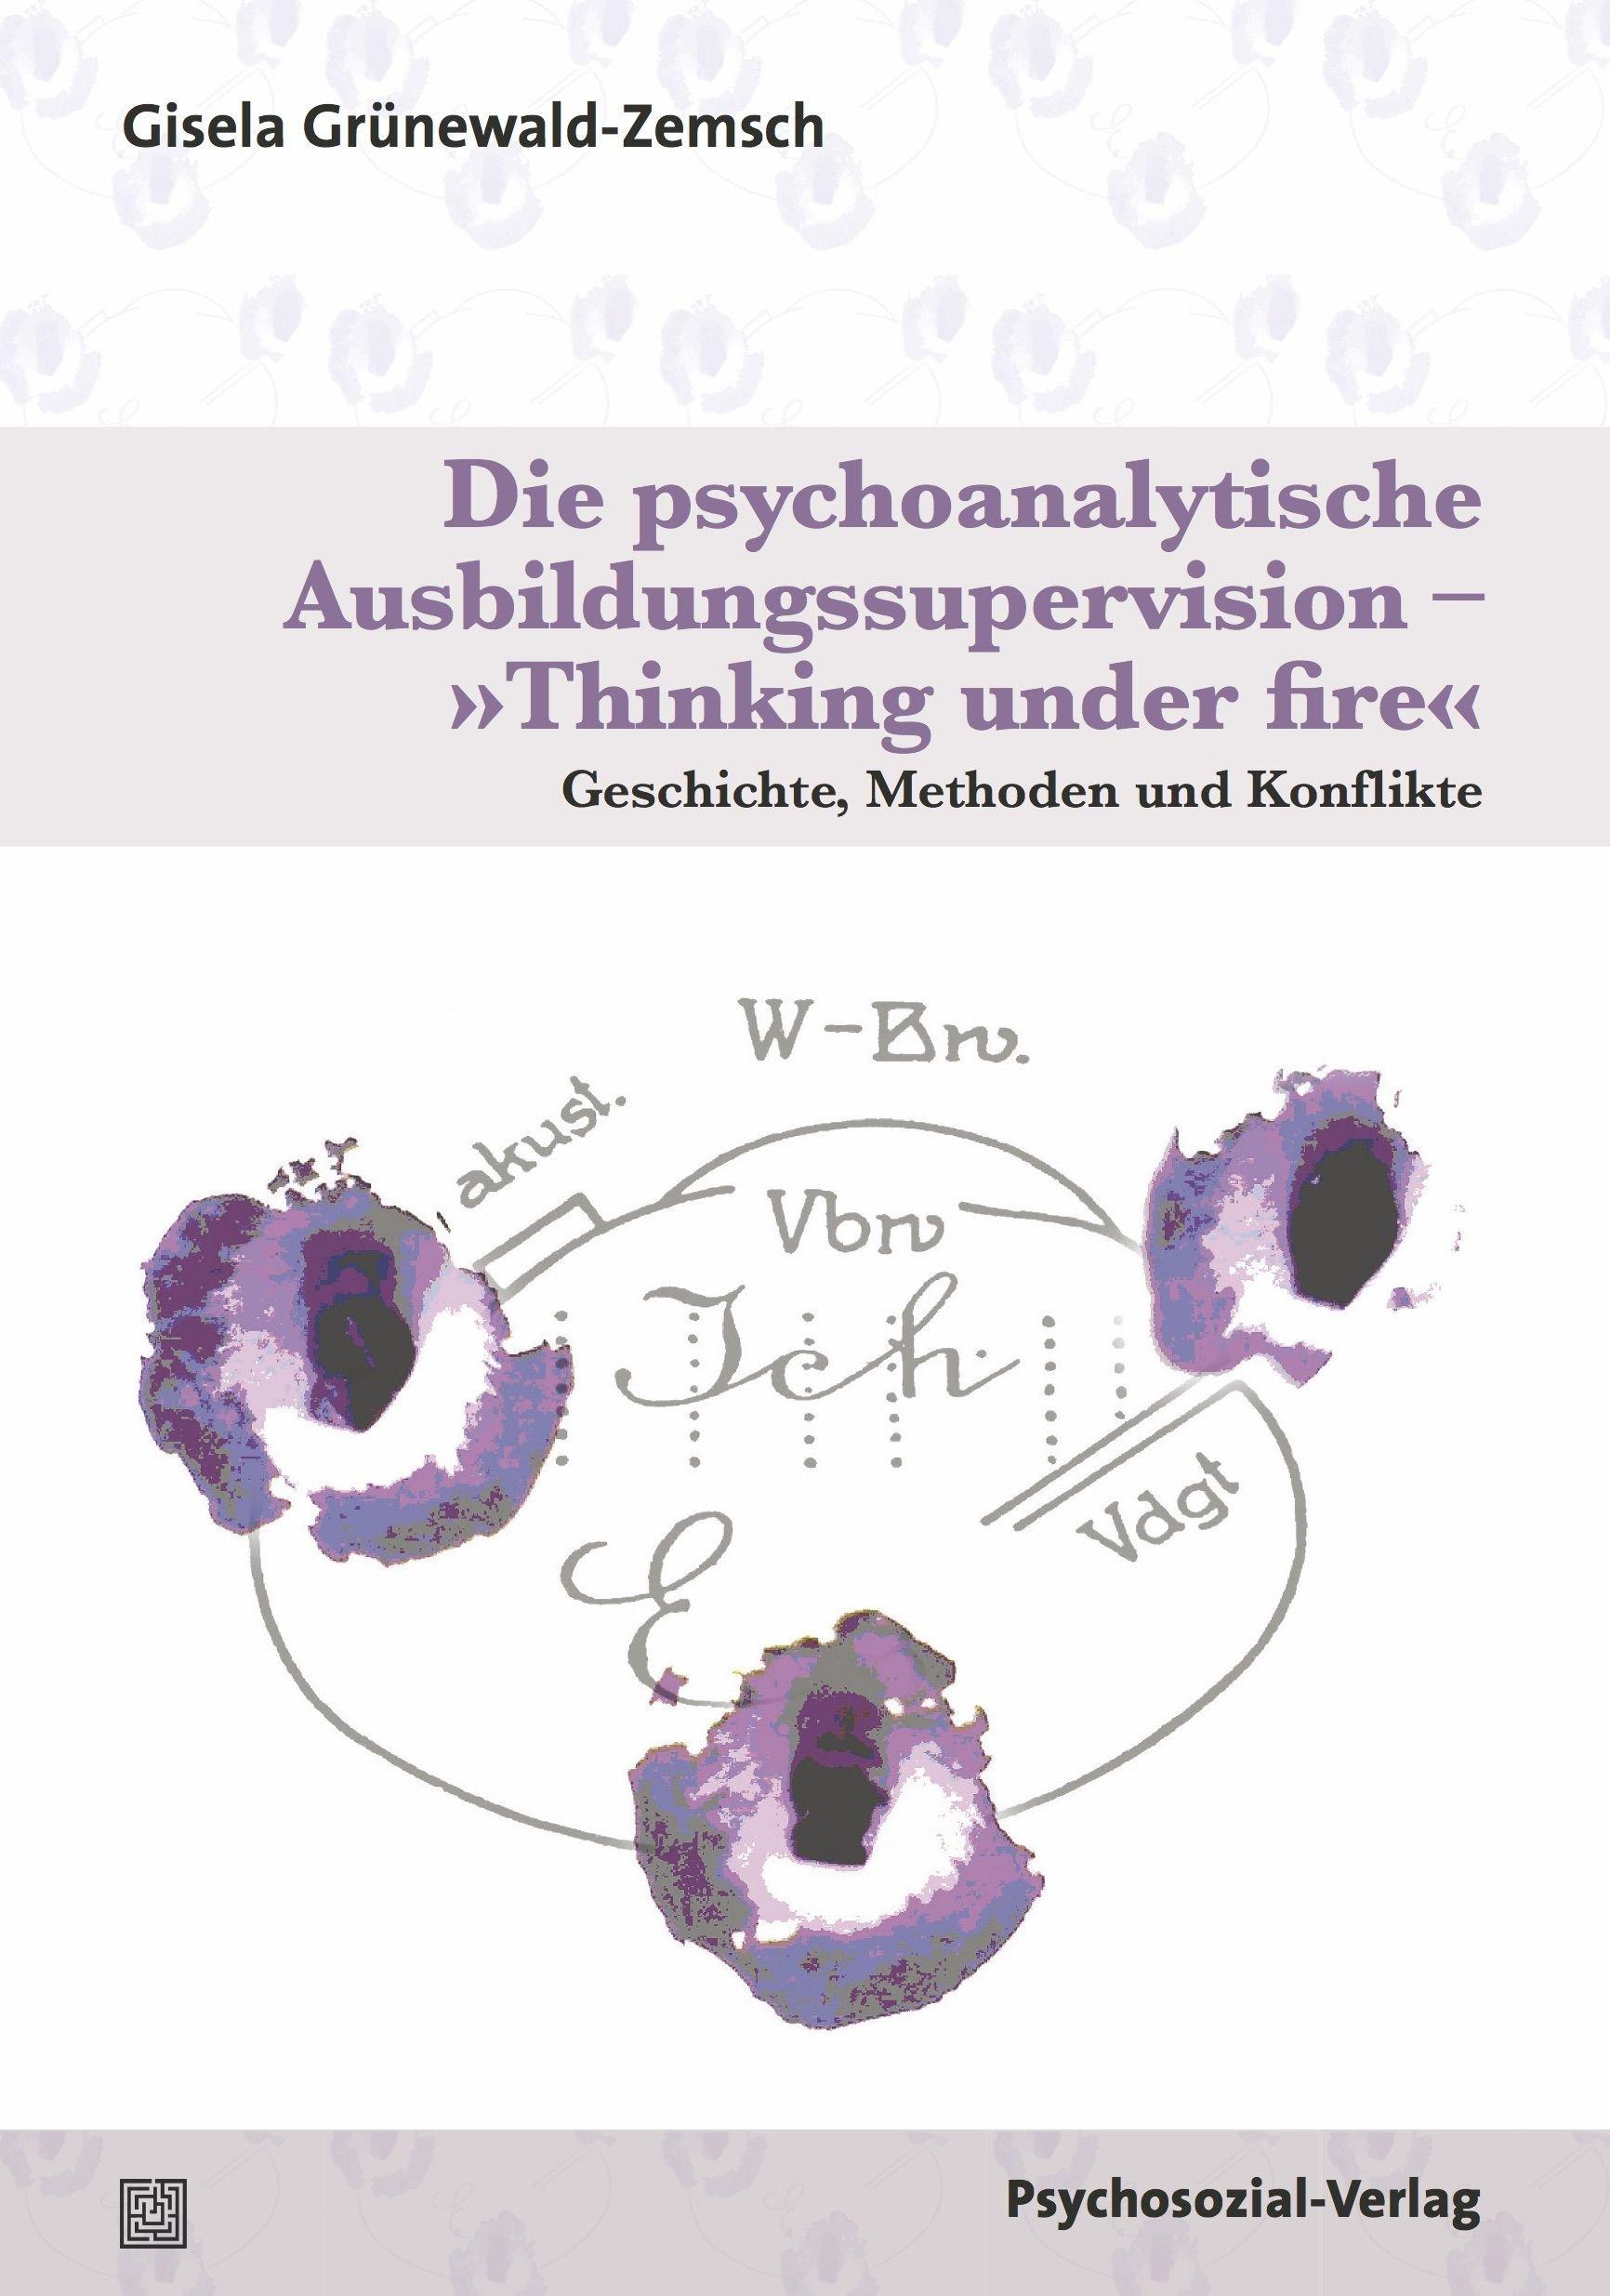 Die psychoanalytische Ausbildungssupervision – »Thinking under fire«